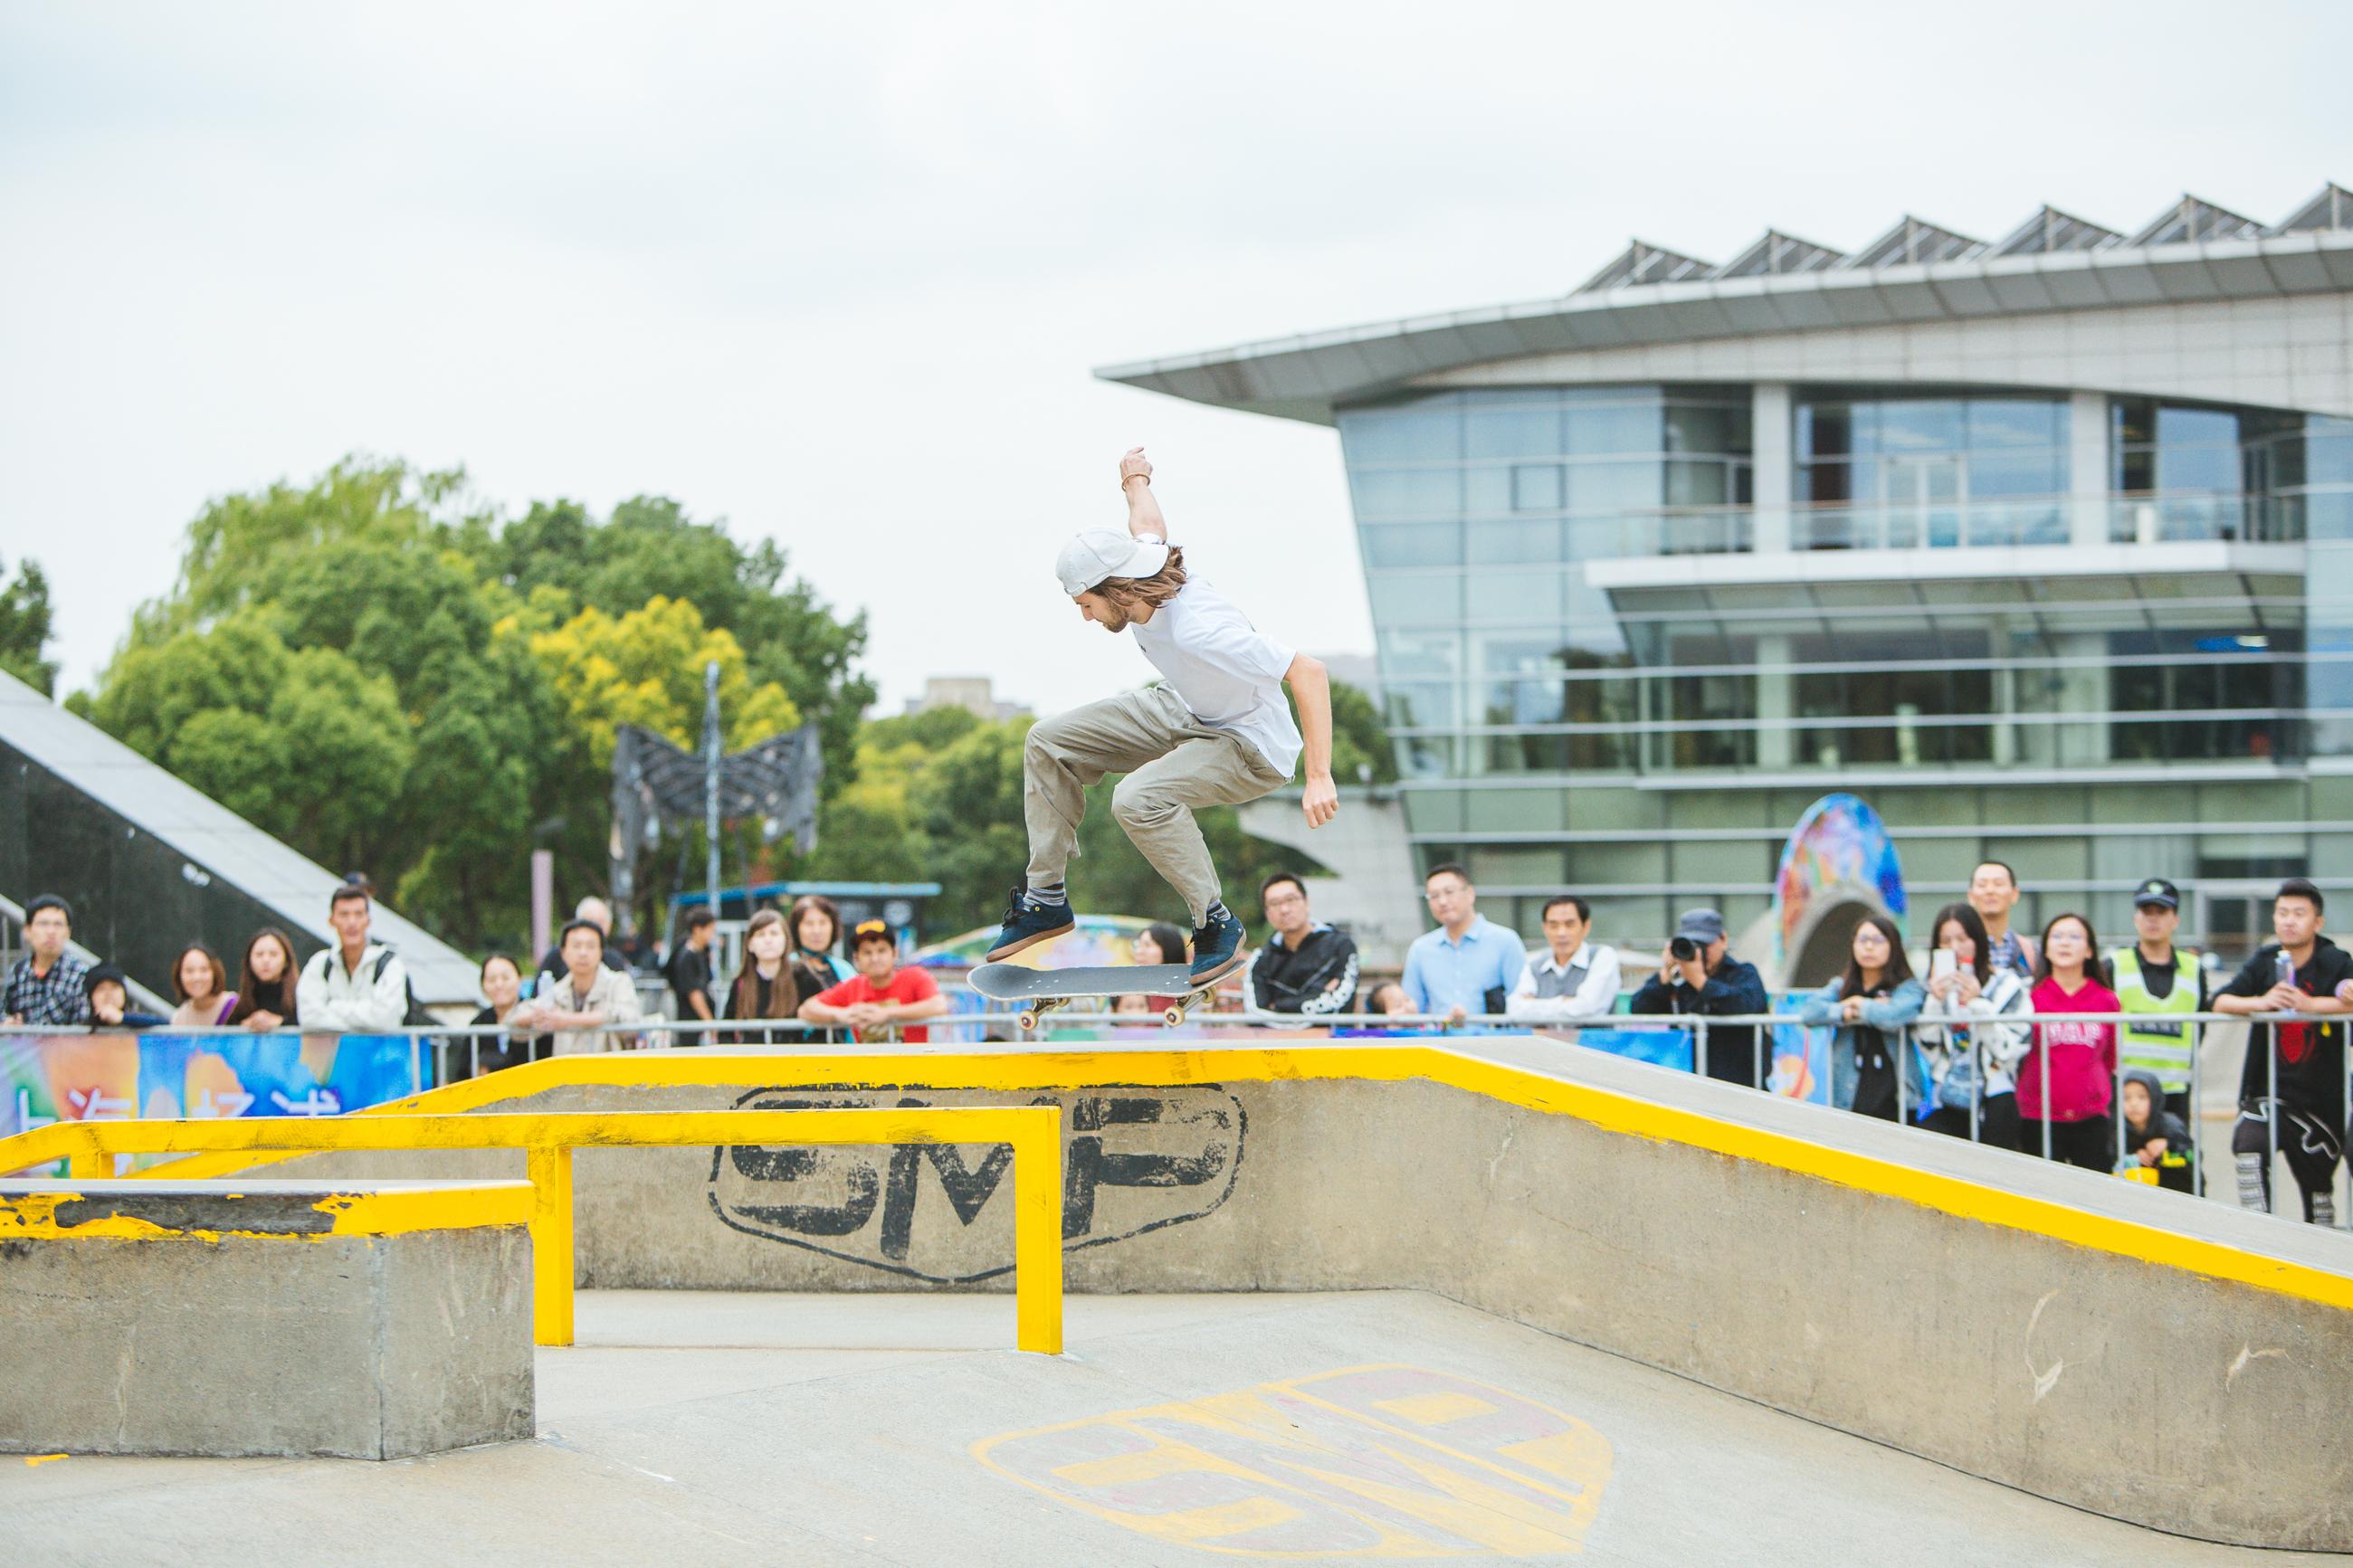 上海极限运动挑战赛举行 国内顶尖选手同场竞技